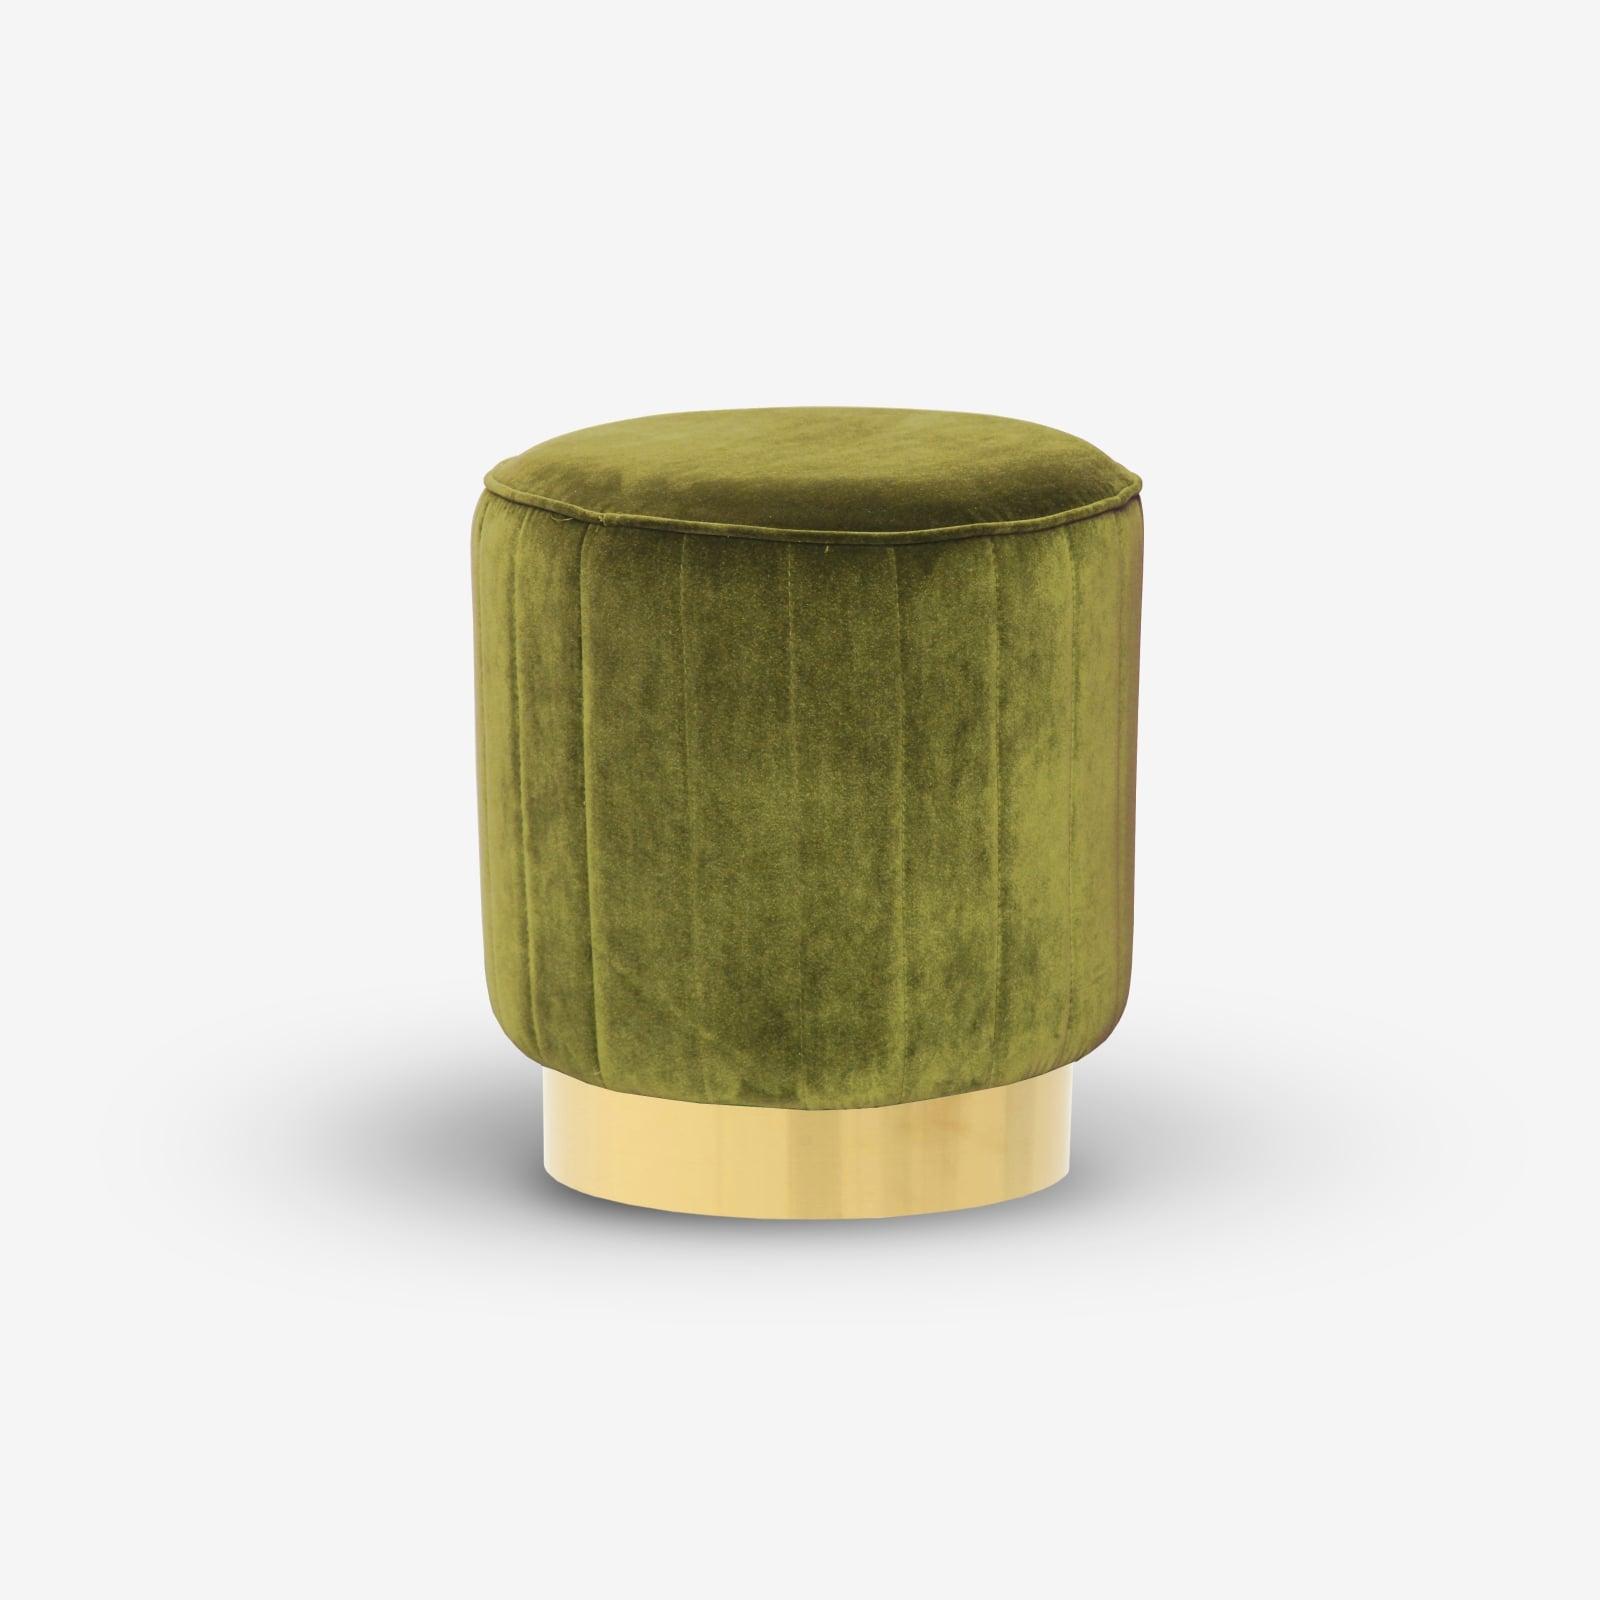 produzione-pouf-in-velluto-lesene-e-oro-pouf-in-metallo-oro-pouf-in-velluto-per-arredamento-contract-pouf-per-ristoranti-pouf-arredamento-bar-alberghi-negozi-uffici-OTTO-vor